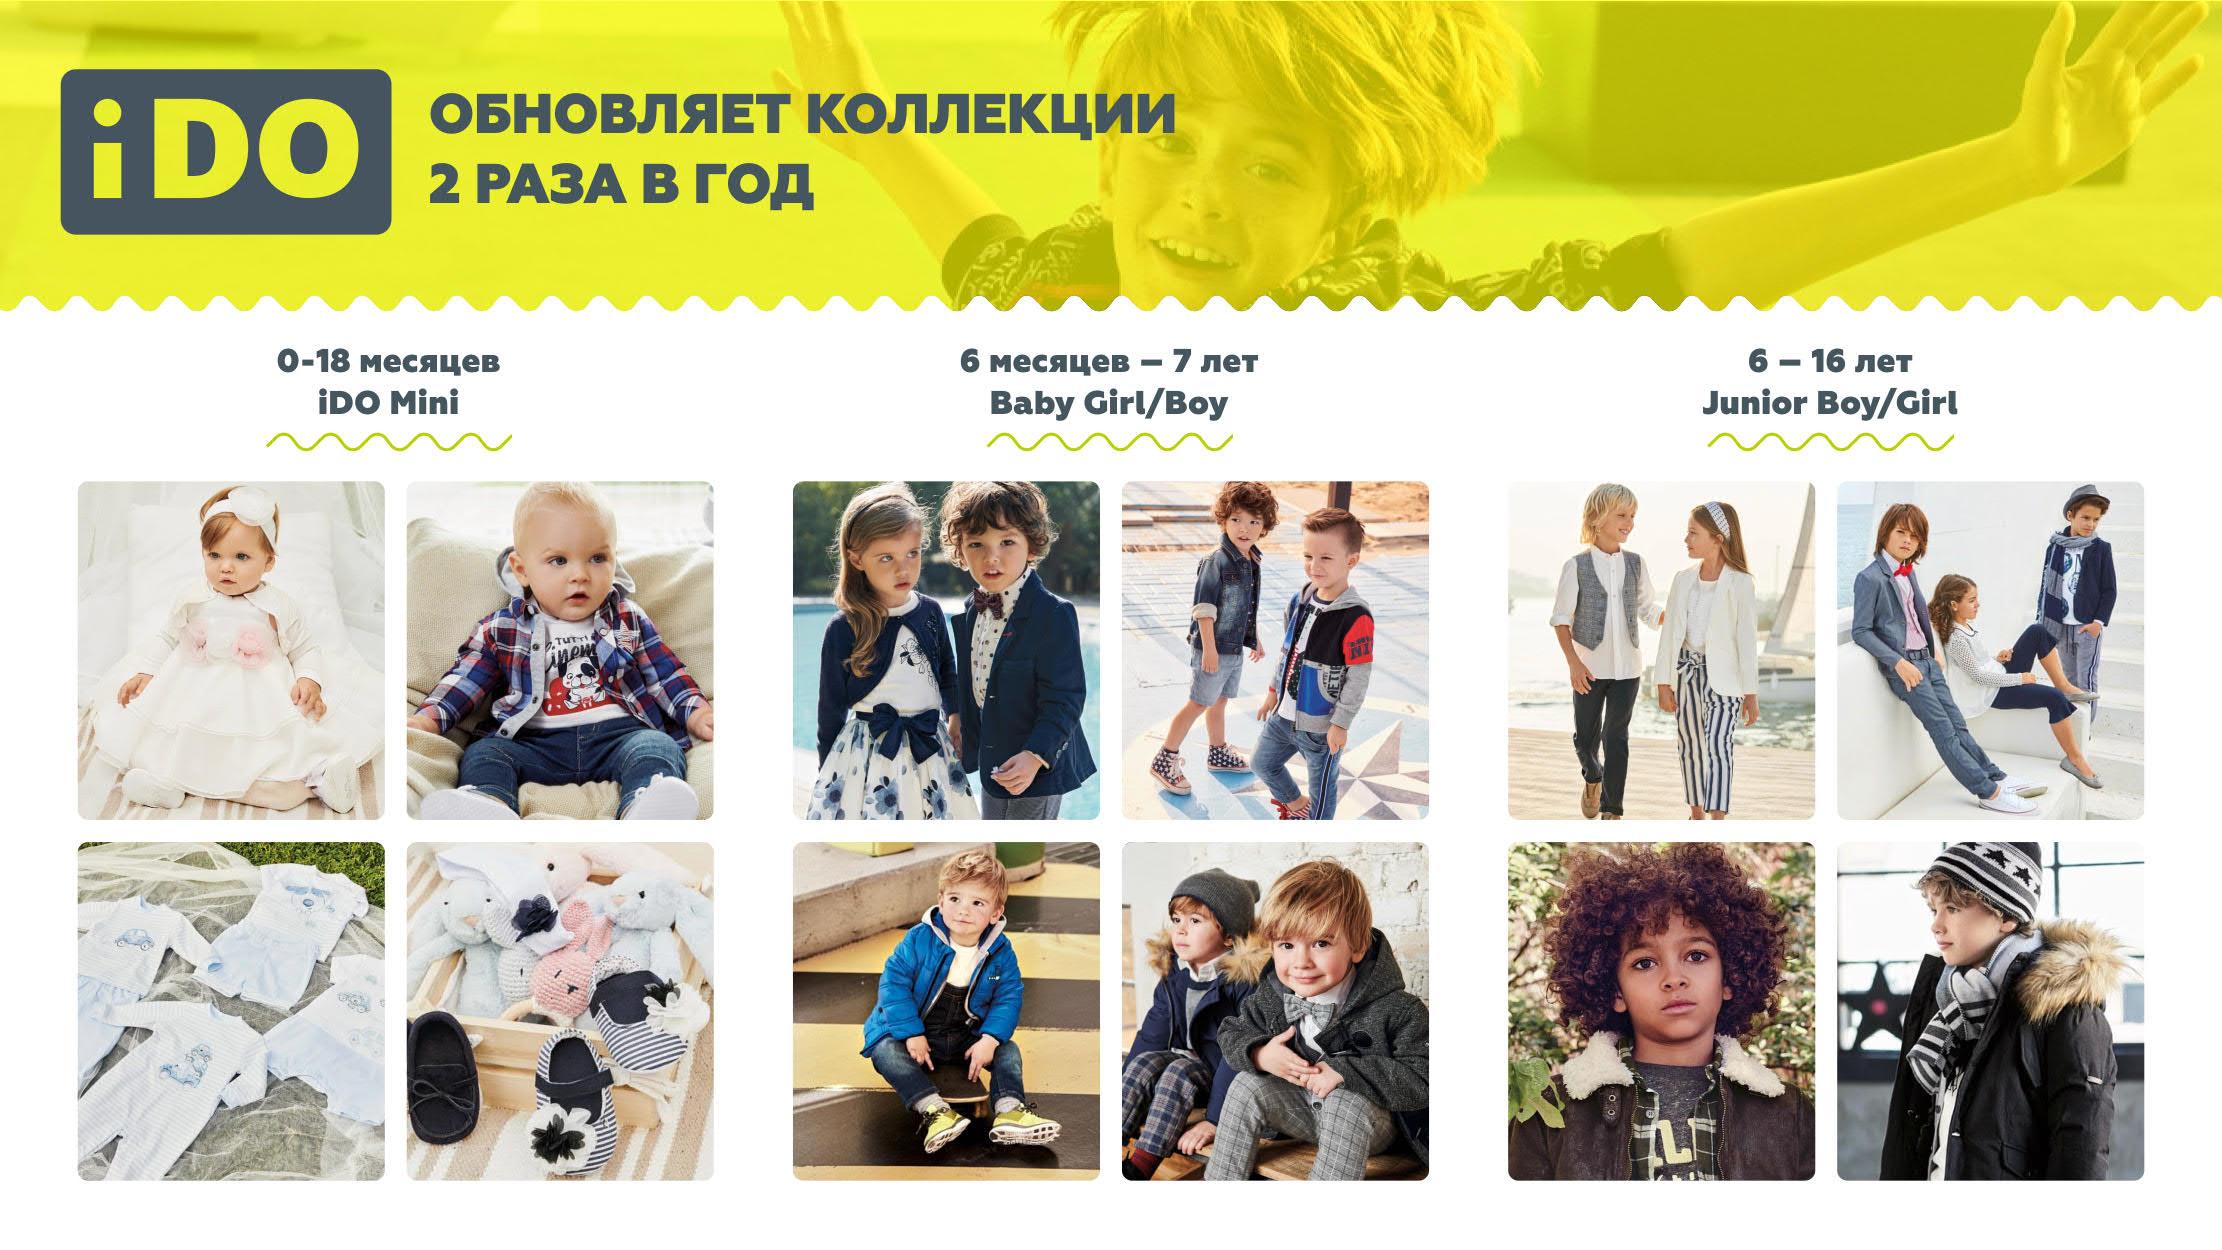 Презентация магазинов детской одежды iDO для аренды места в ТЦ